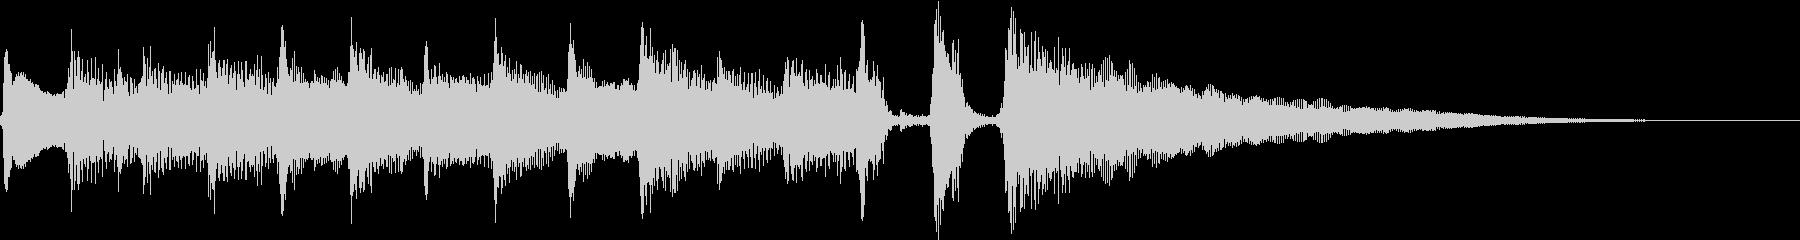 ほのぼのアコギのエンディングパターンの未再生の波形